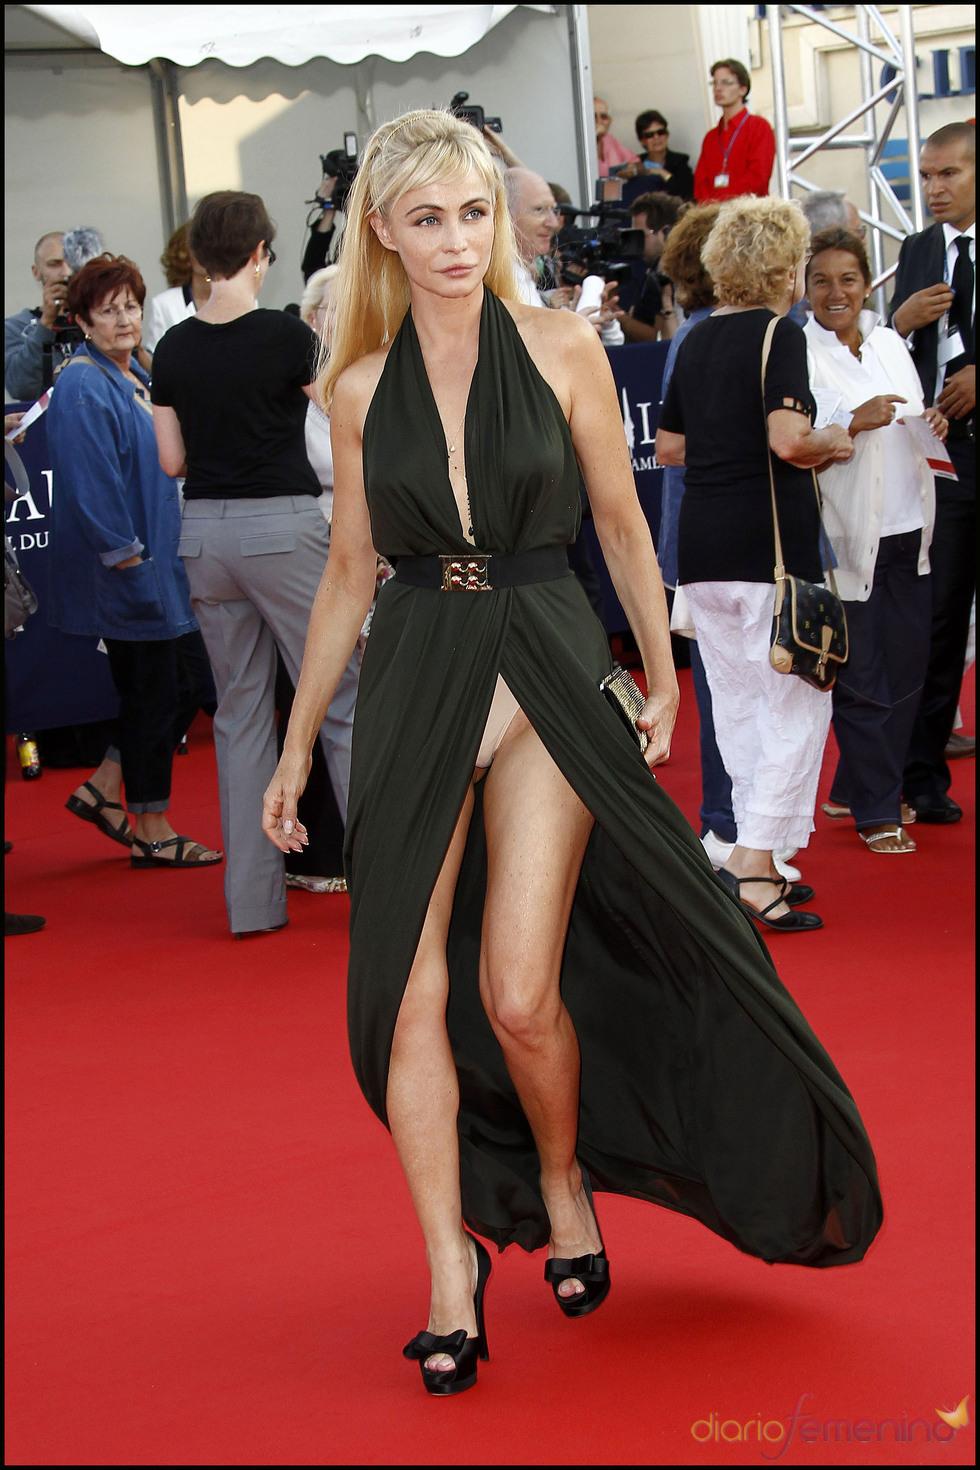 El vestido indiscreto de Emmanuelle Béart